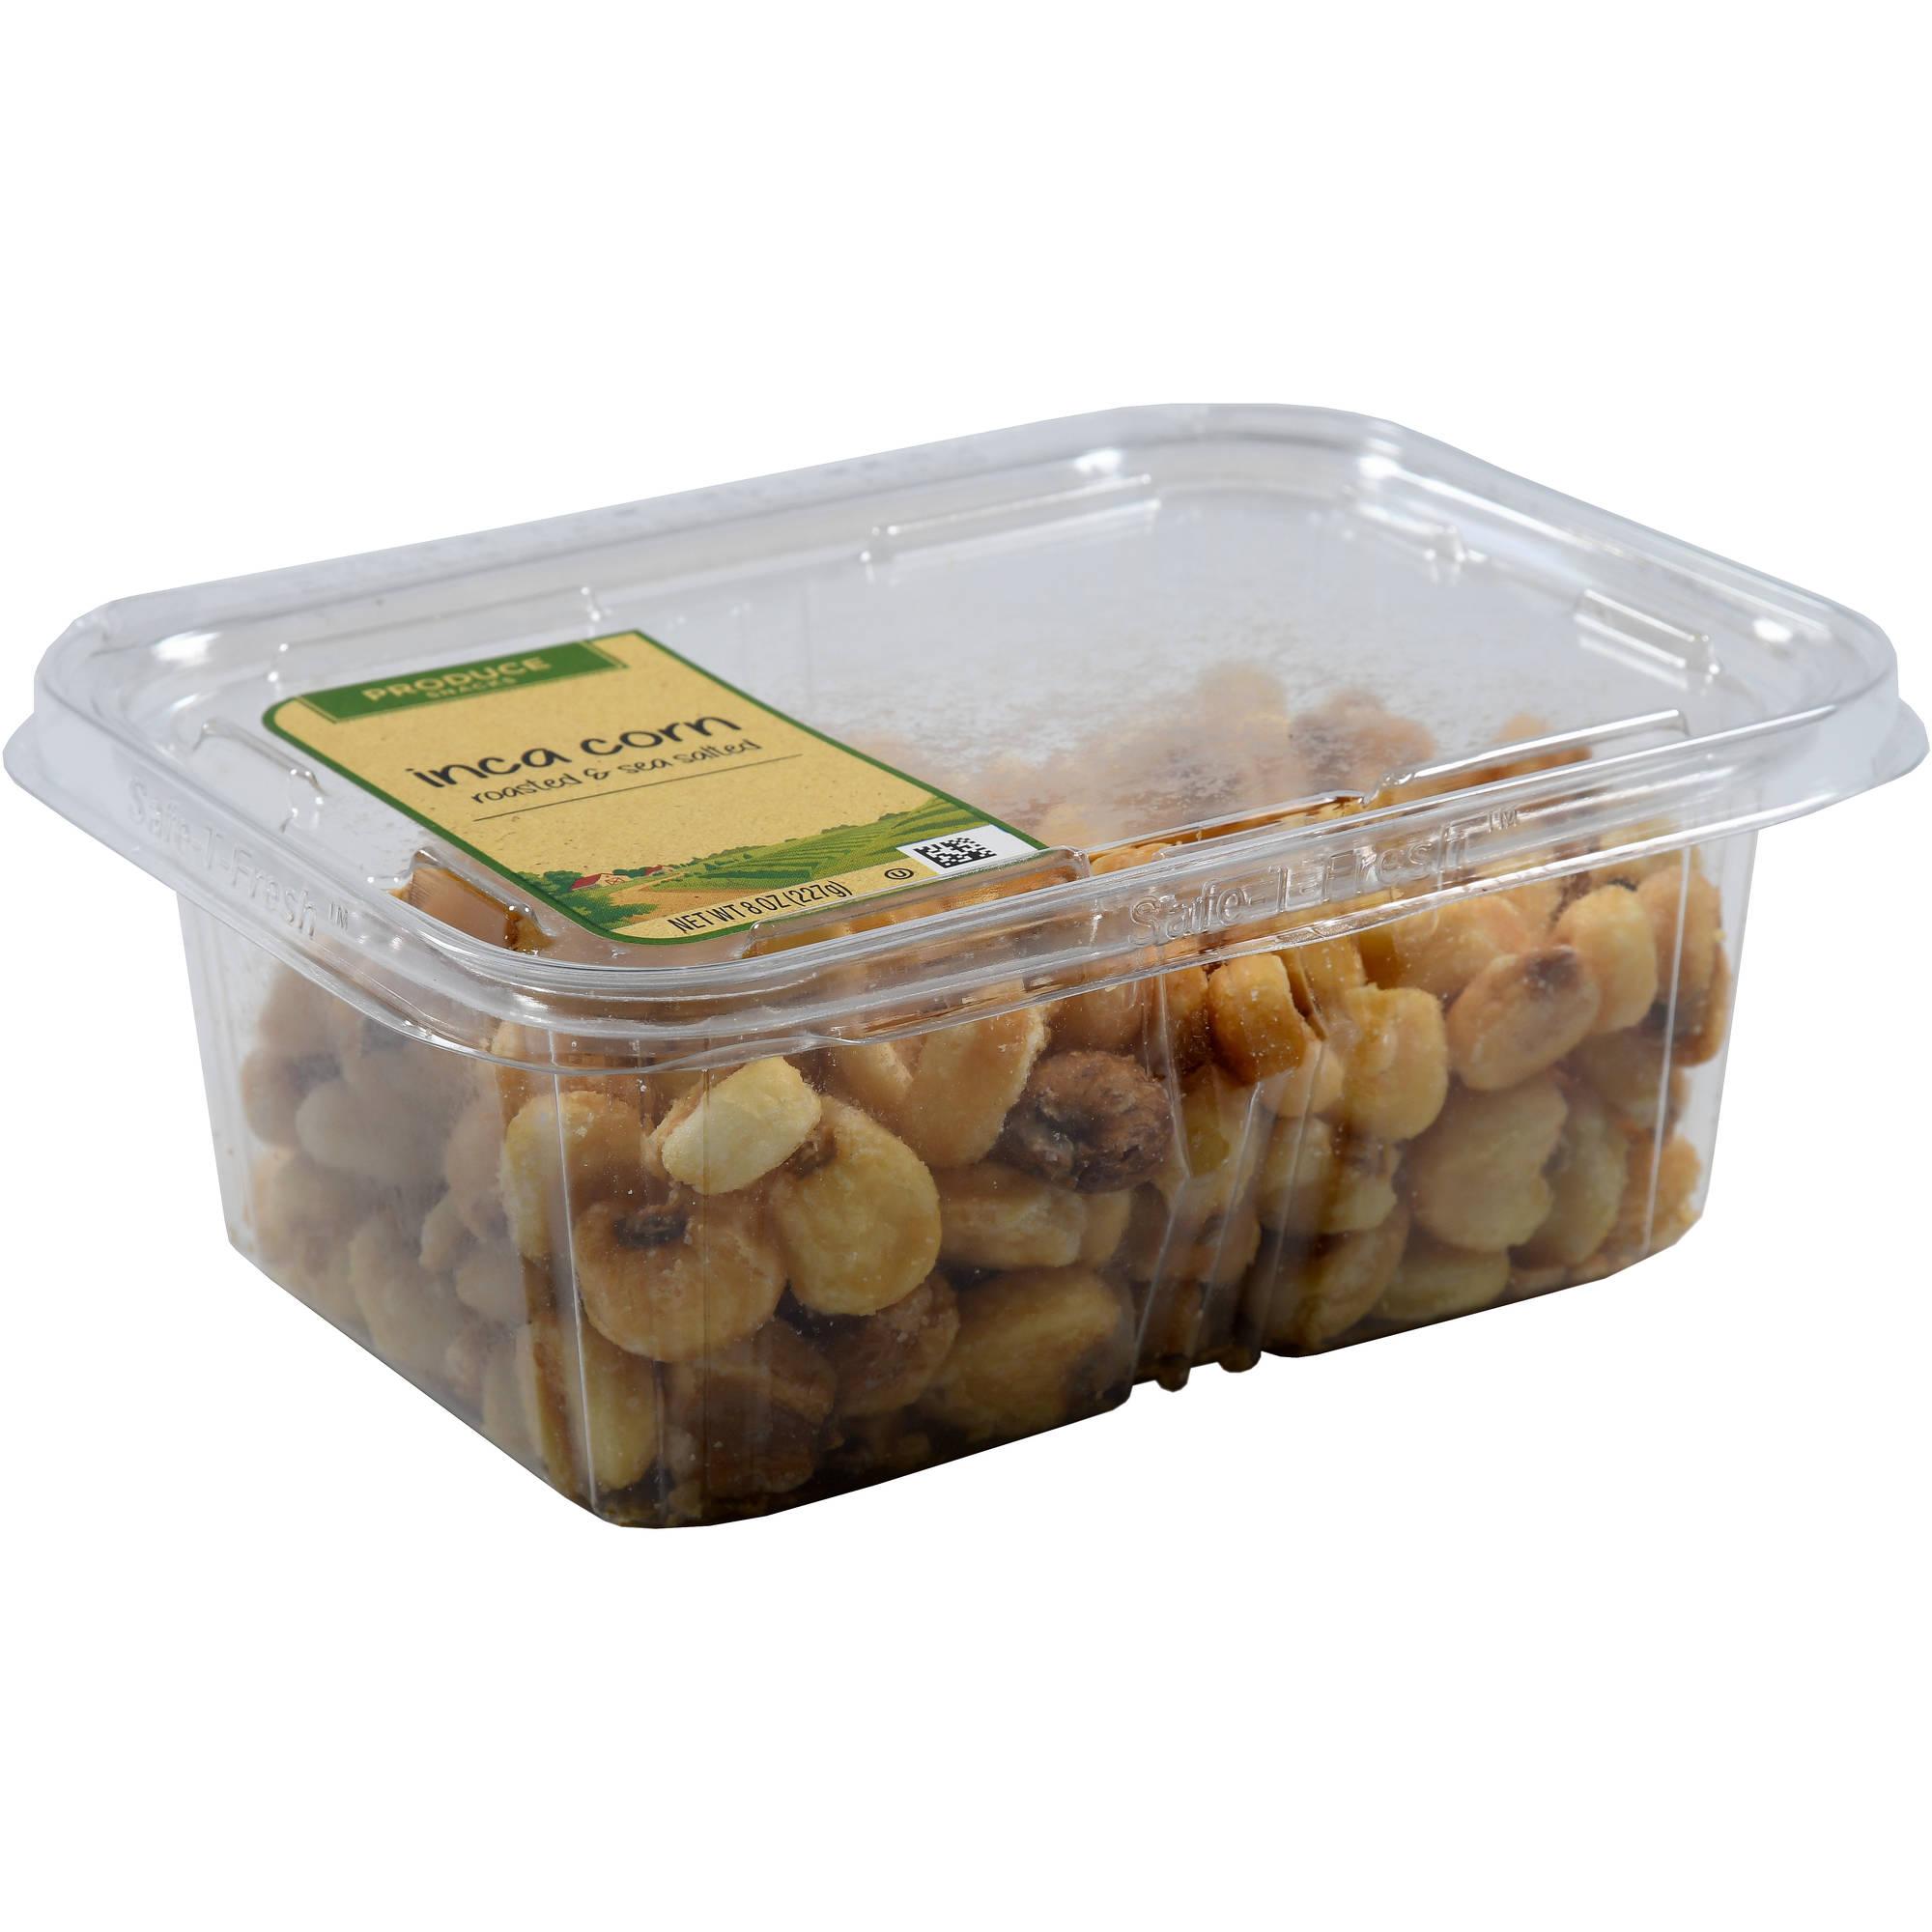 Produce Snacks Roasted & Sea Salted Inca Corn, 8 oz